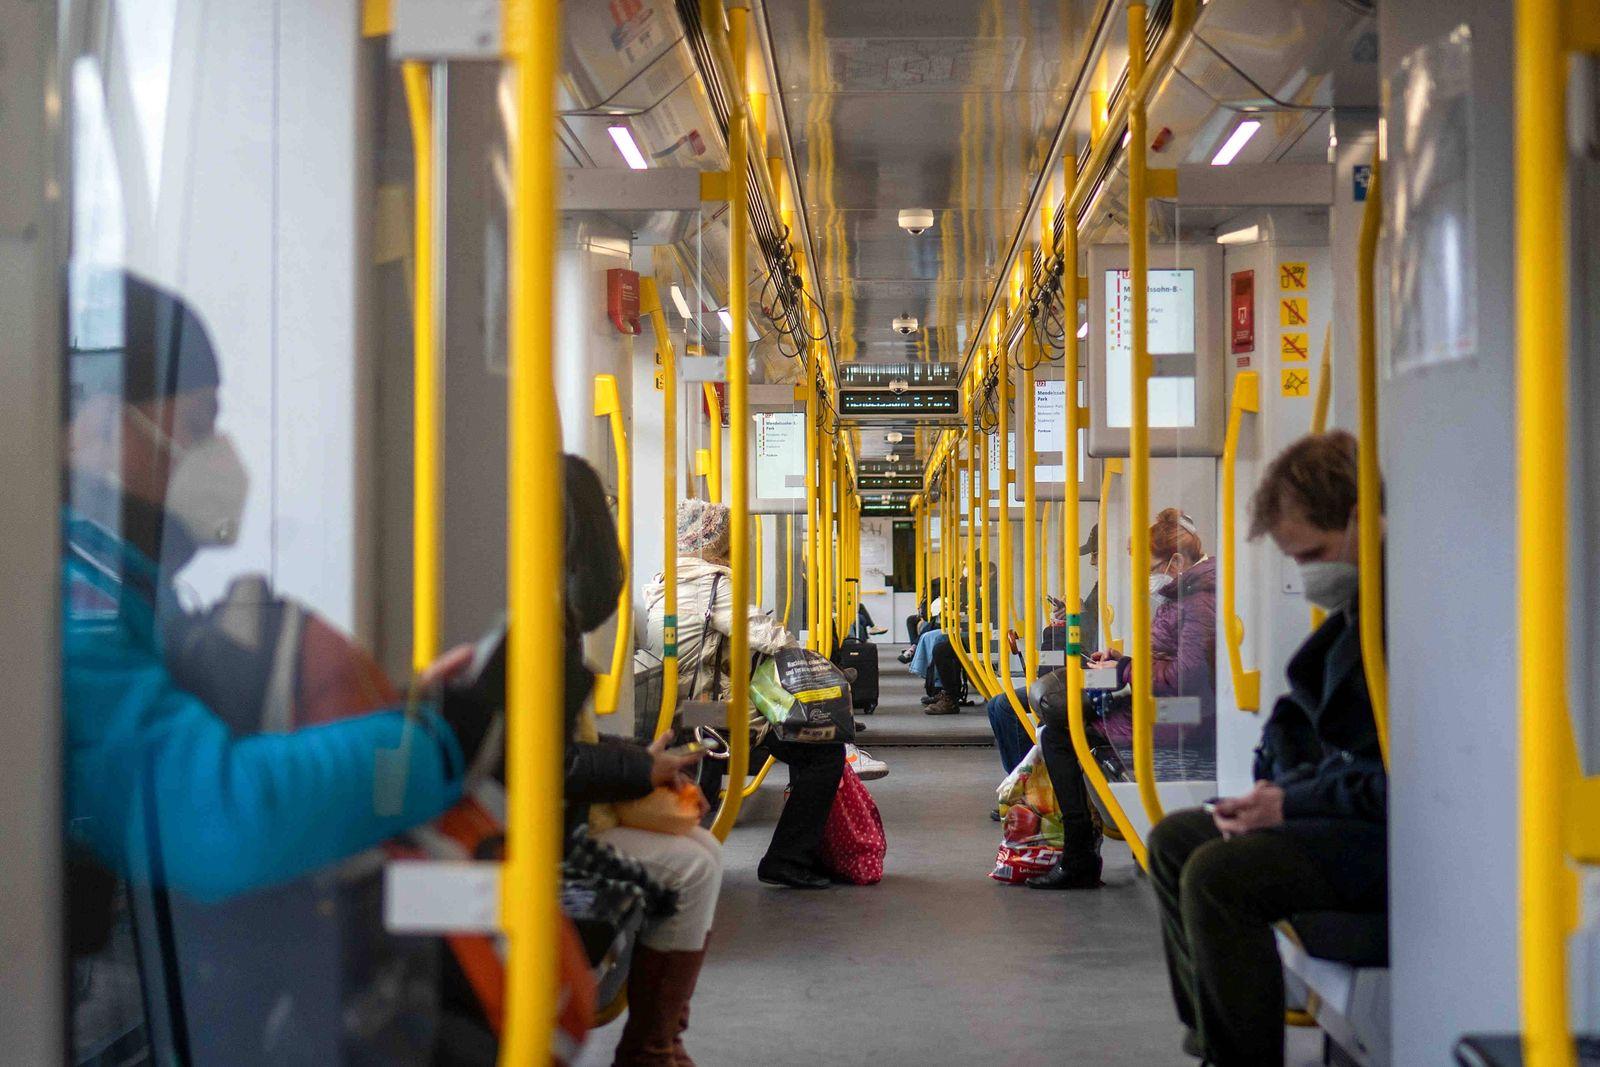 Berlin, Deutschland 08. April 2021: In einer U-Bahn in Berlin, wird wegen dem Lockdown zur Bekämpfung der Corona-Pandemi